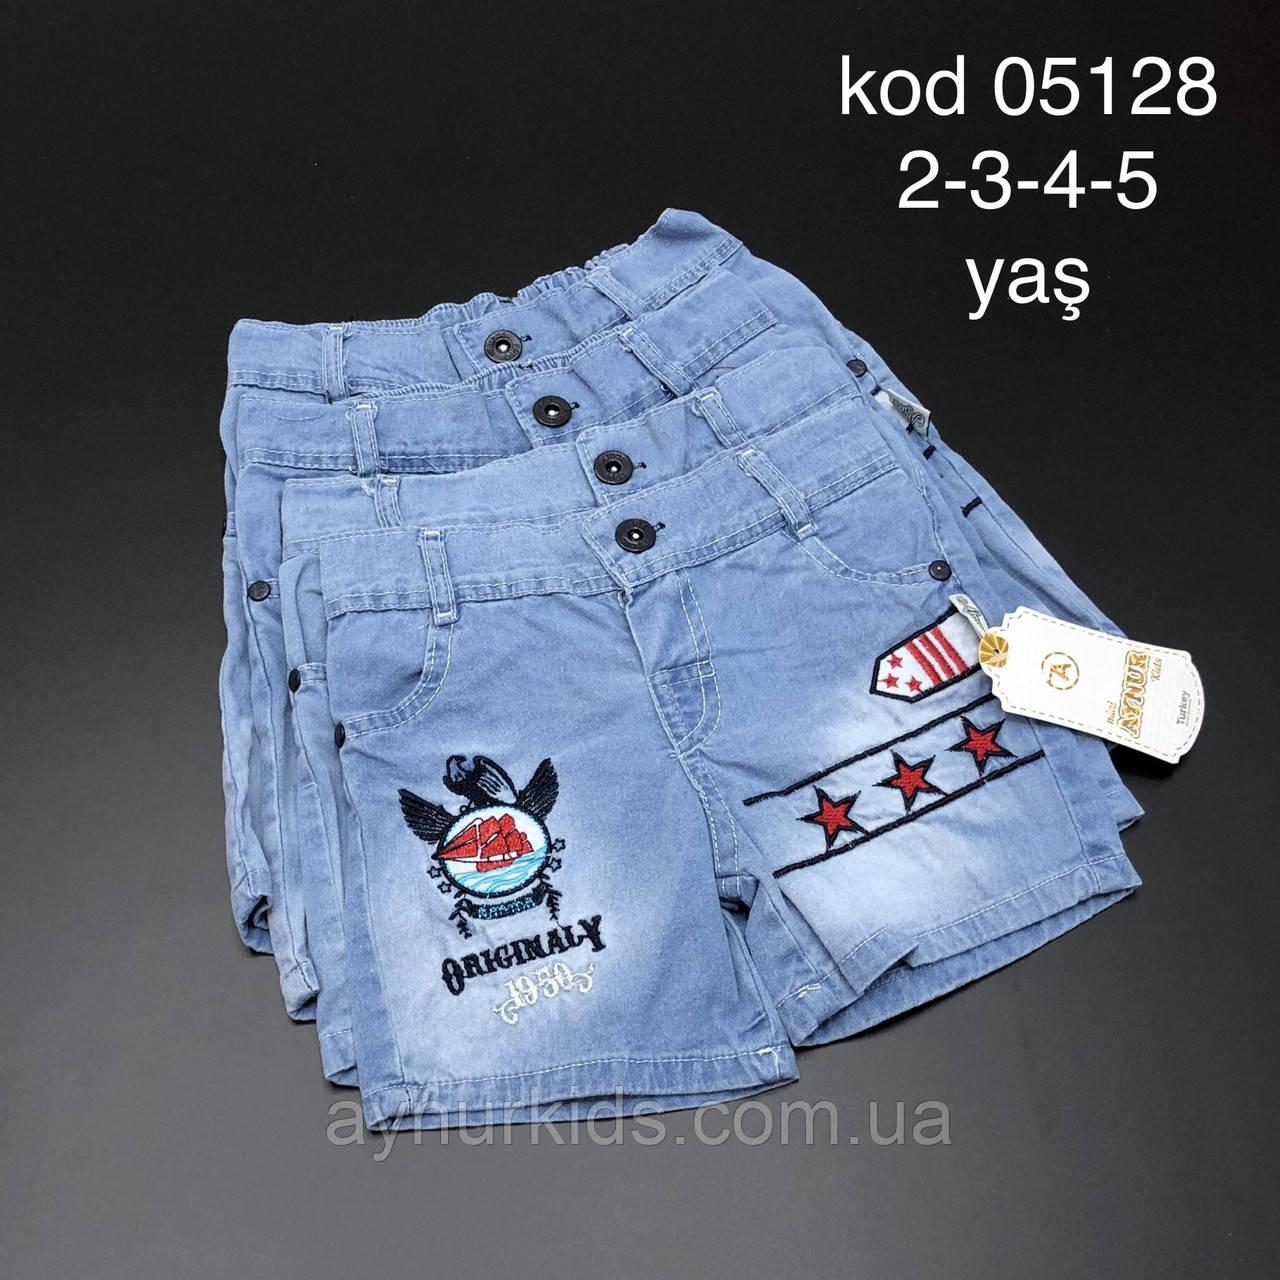 Джинсовые шорты для мальчика 2-3-4-5 лет